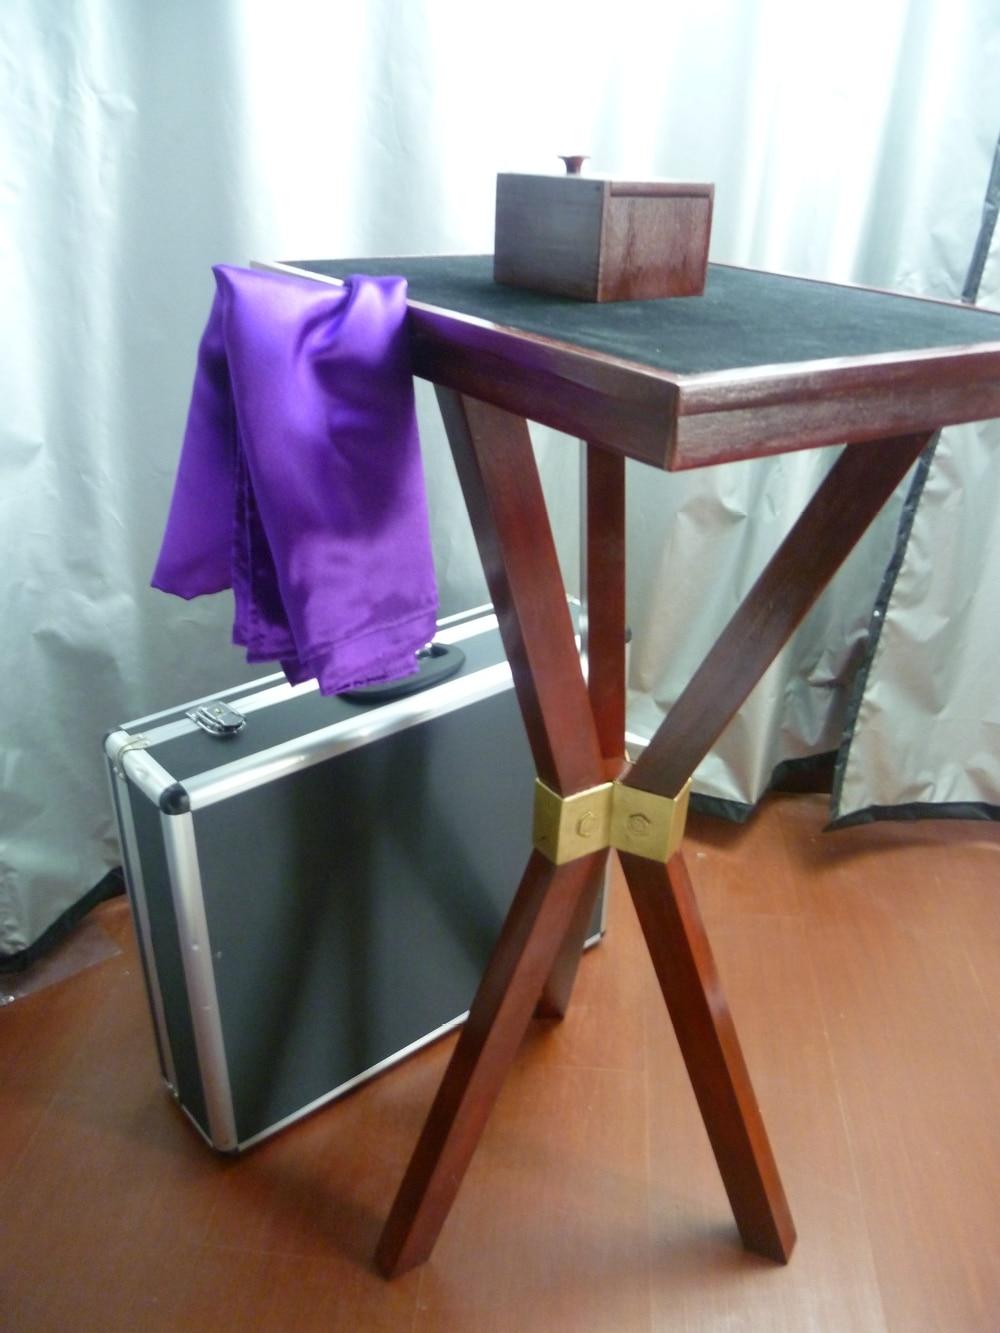 Trinité table flottante losander-magie de scène professionnelle - 3